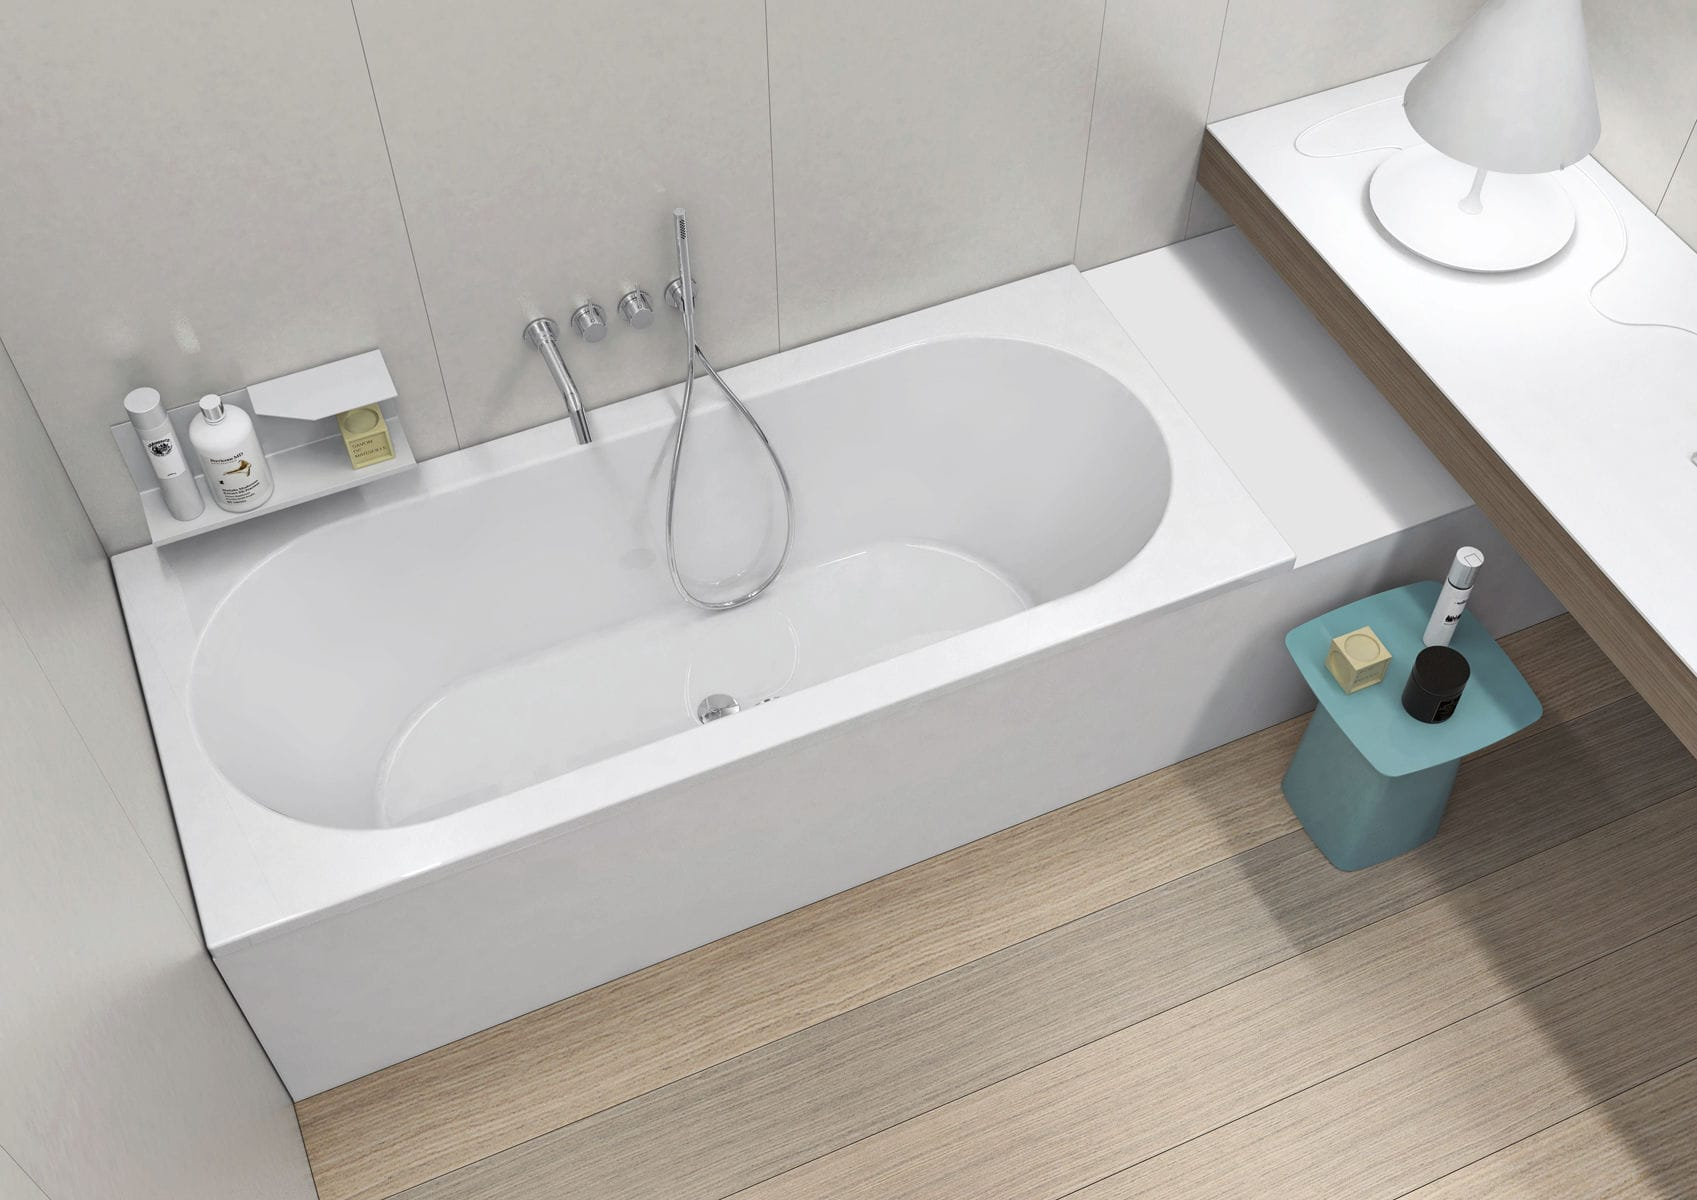 Vasca Da Bagno In Corian Prezzi : Vasca da bagno ovale in corian® in resina in marmo eclettico